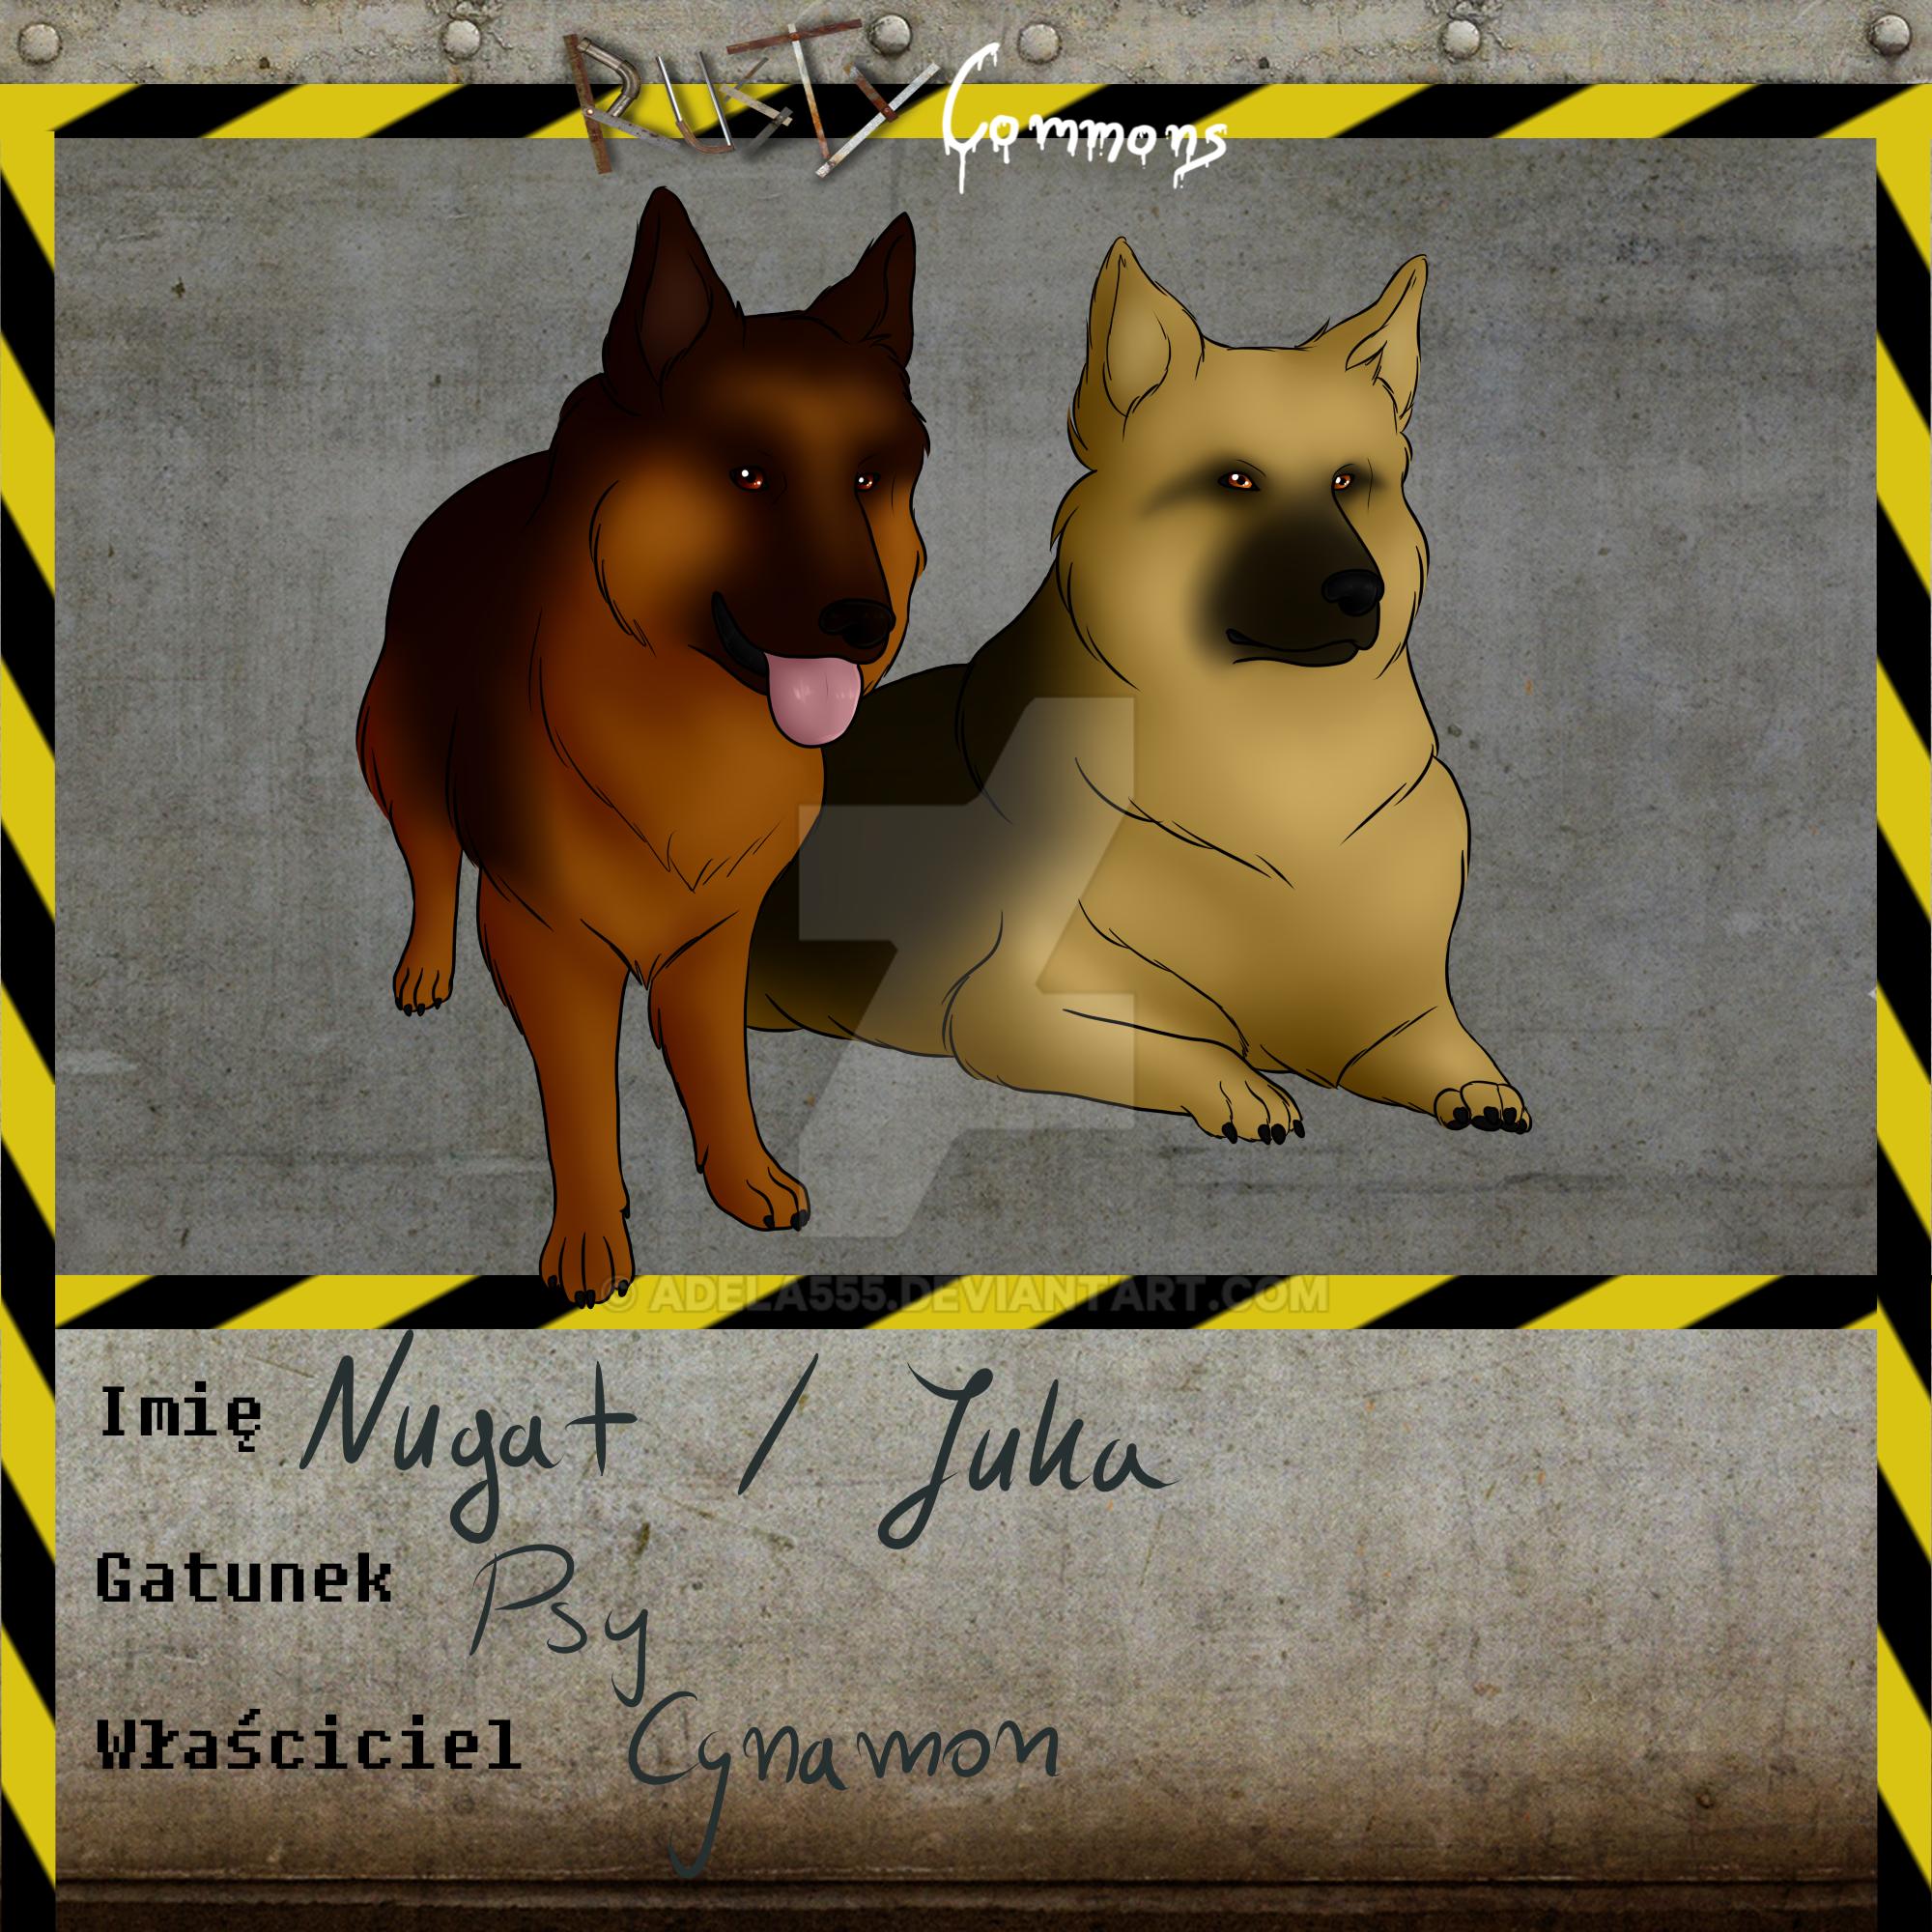 RC - Nugat i Juka by Adela555